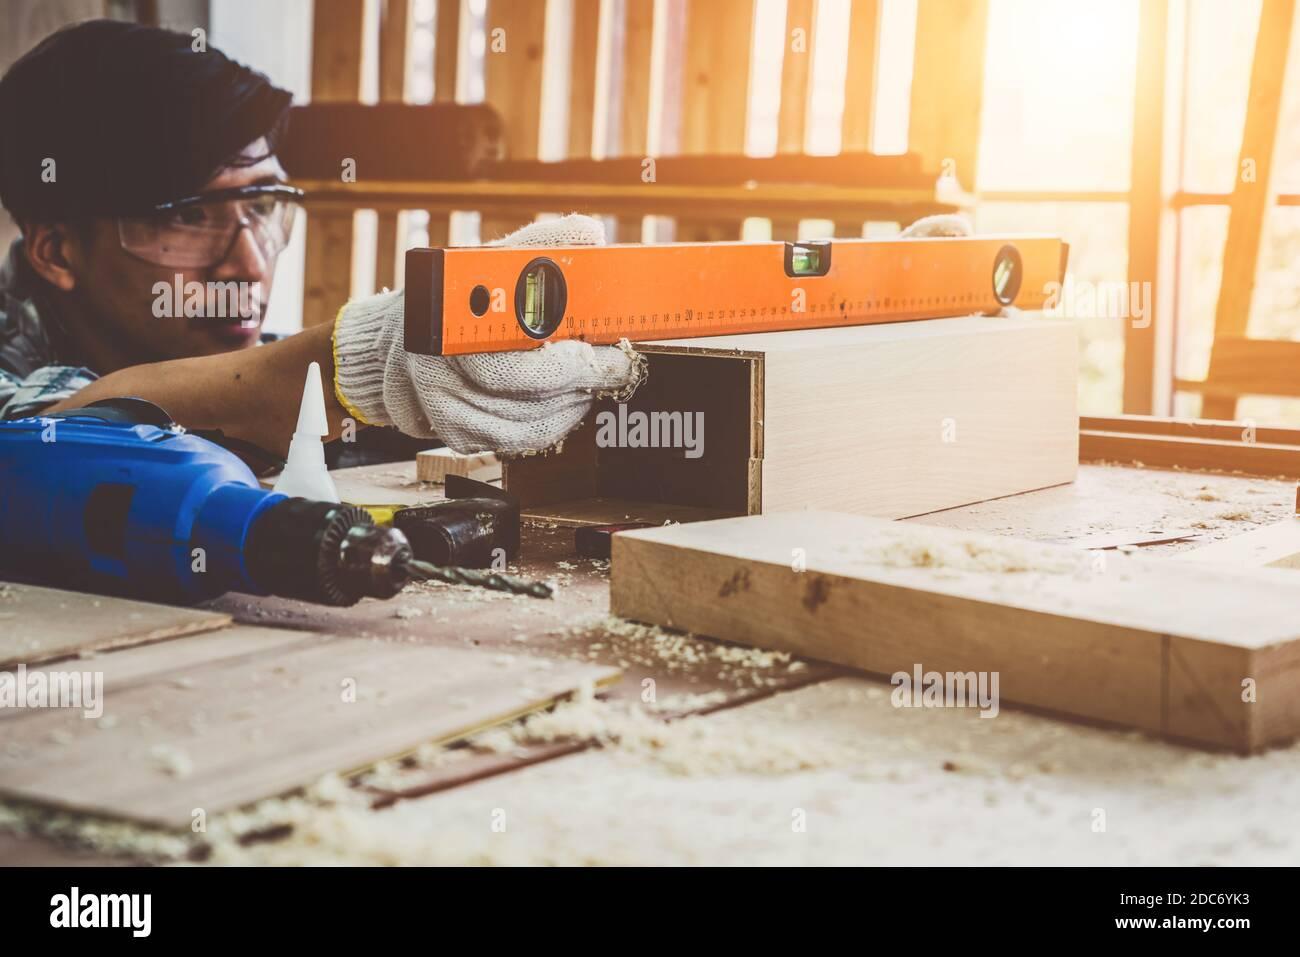 Carpintero trabajando en artesanía de madera en el taller para producir material de construcción o muebles de madera. El joven carpintero asiático utiliza herramientas profesionales para Foto de stock